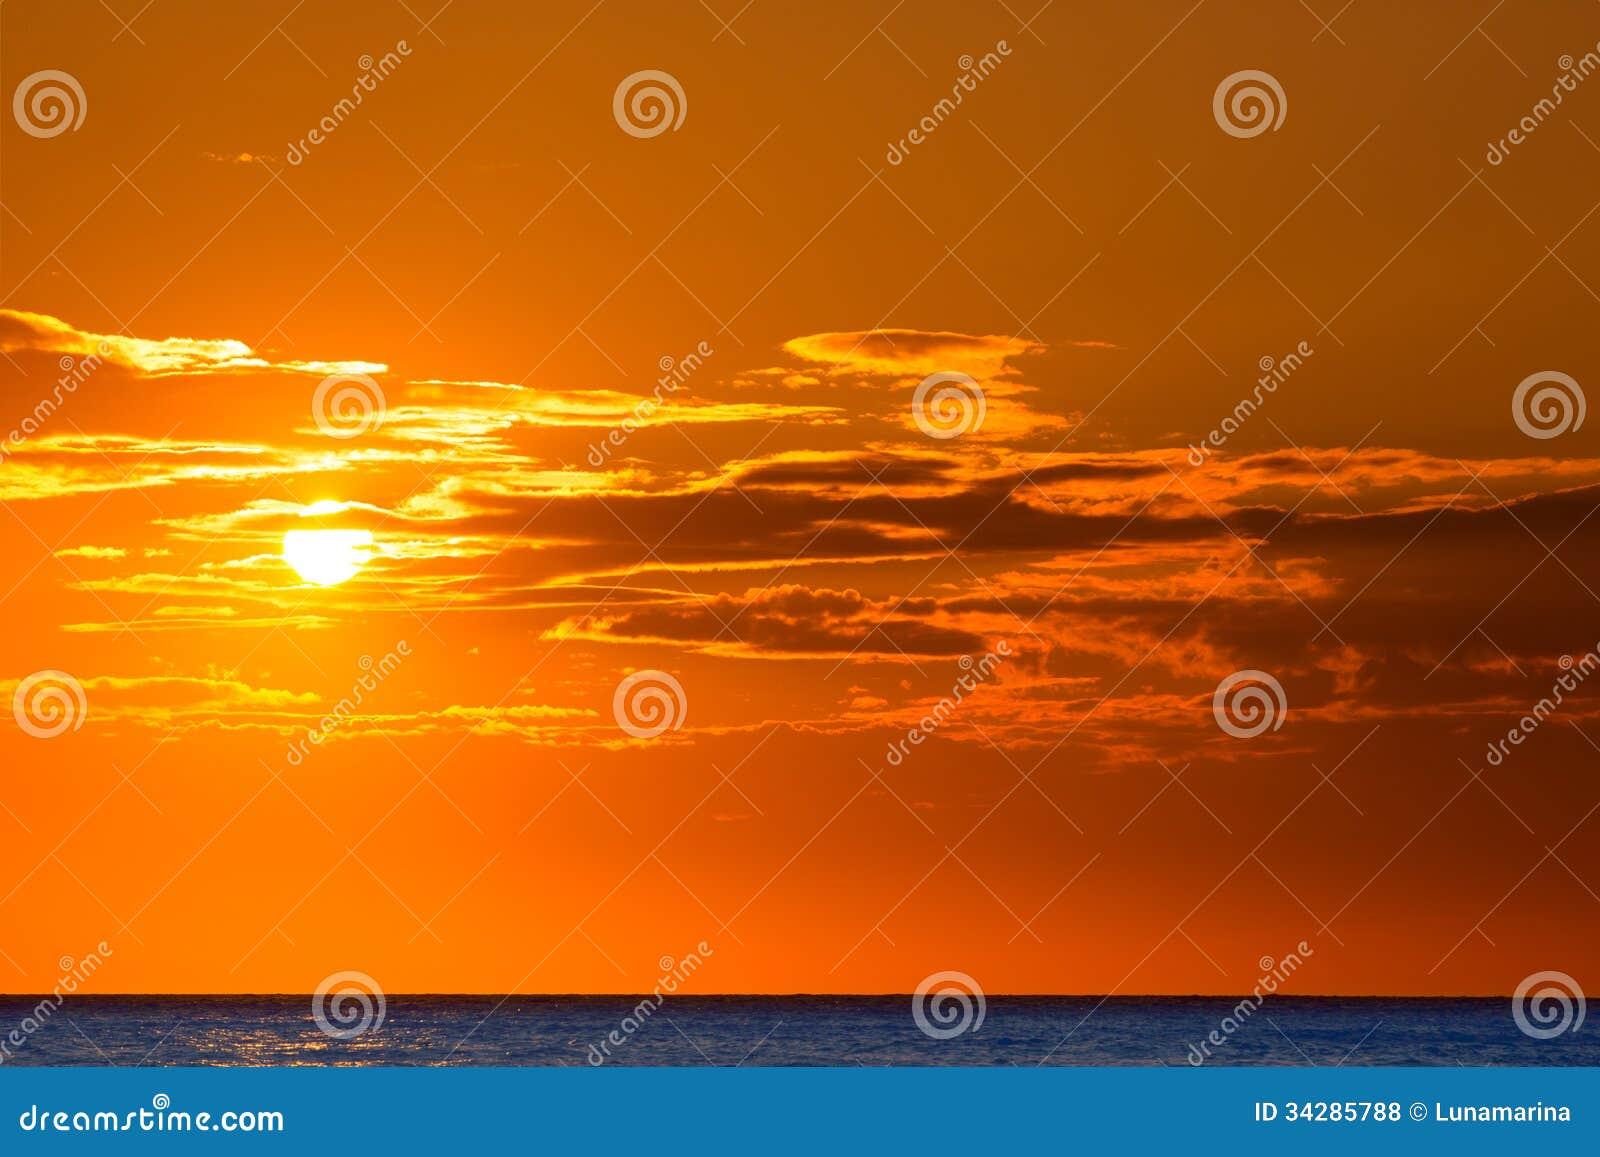 Fondo anaranjado del cielo de la puesta del sol en la for Fondo del sol